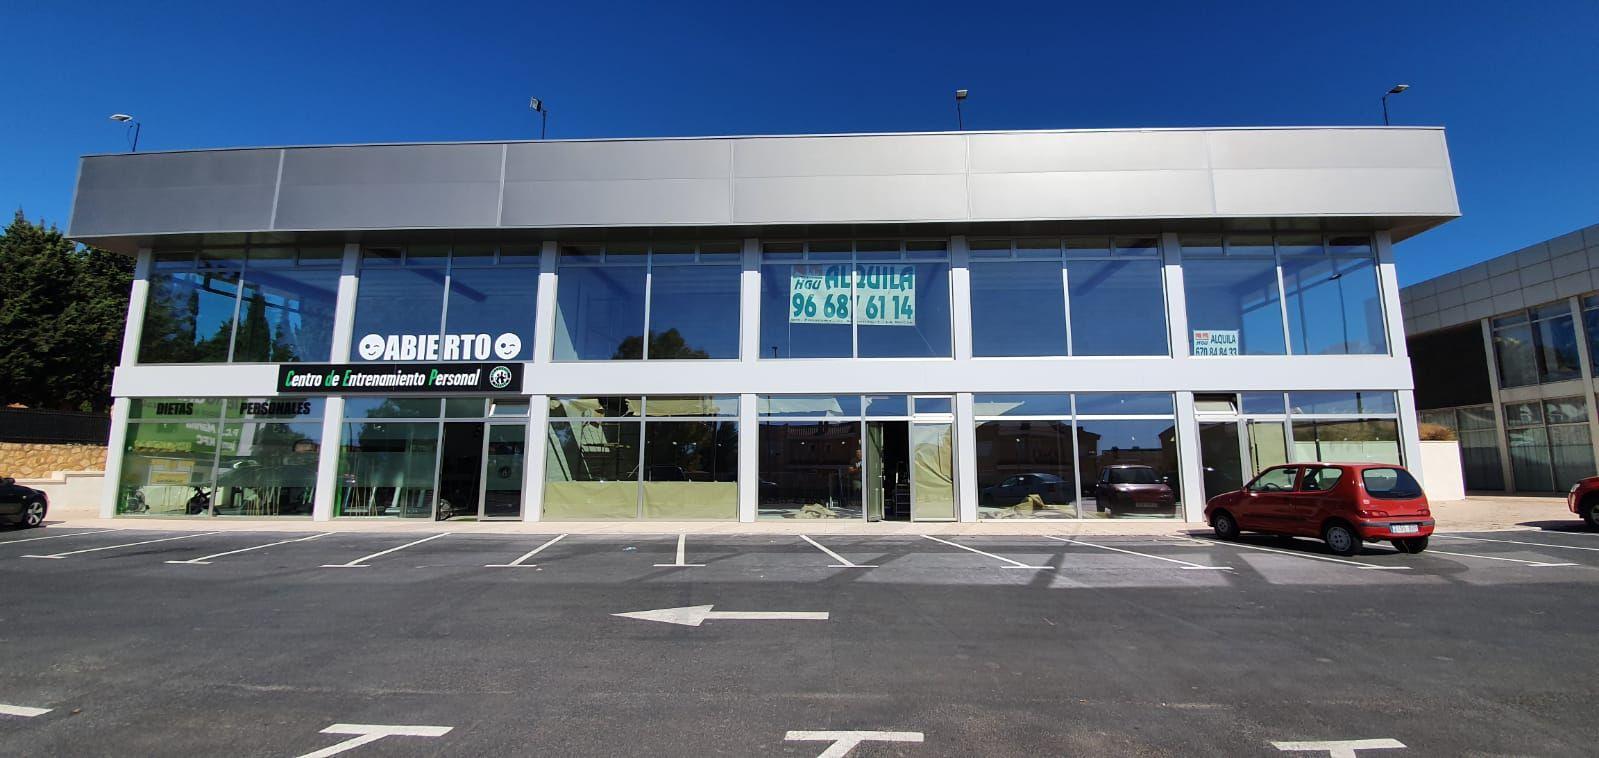 Local comercial en La Nucia, CV70 Benidorm - La Nucia, alquiler